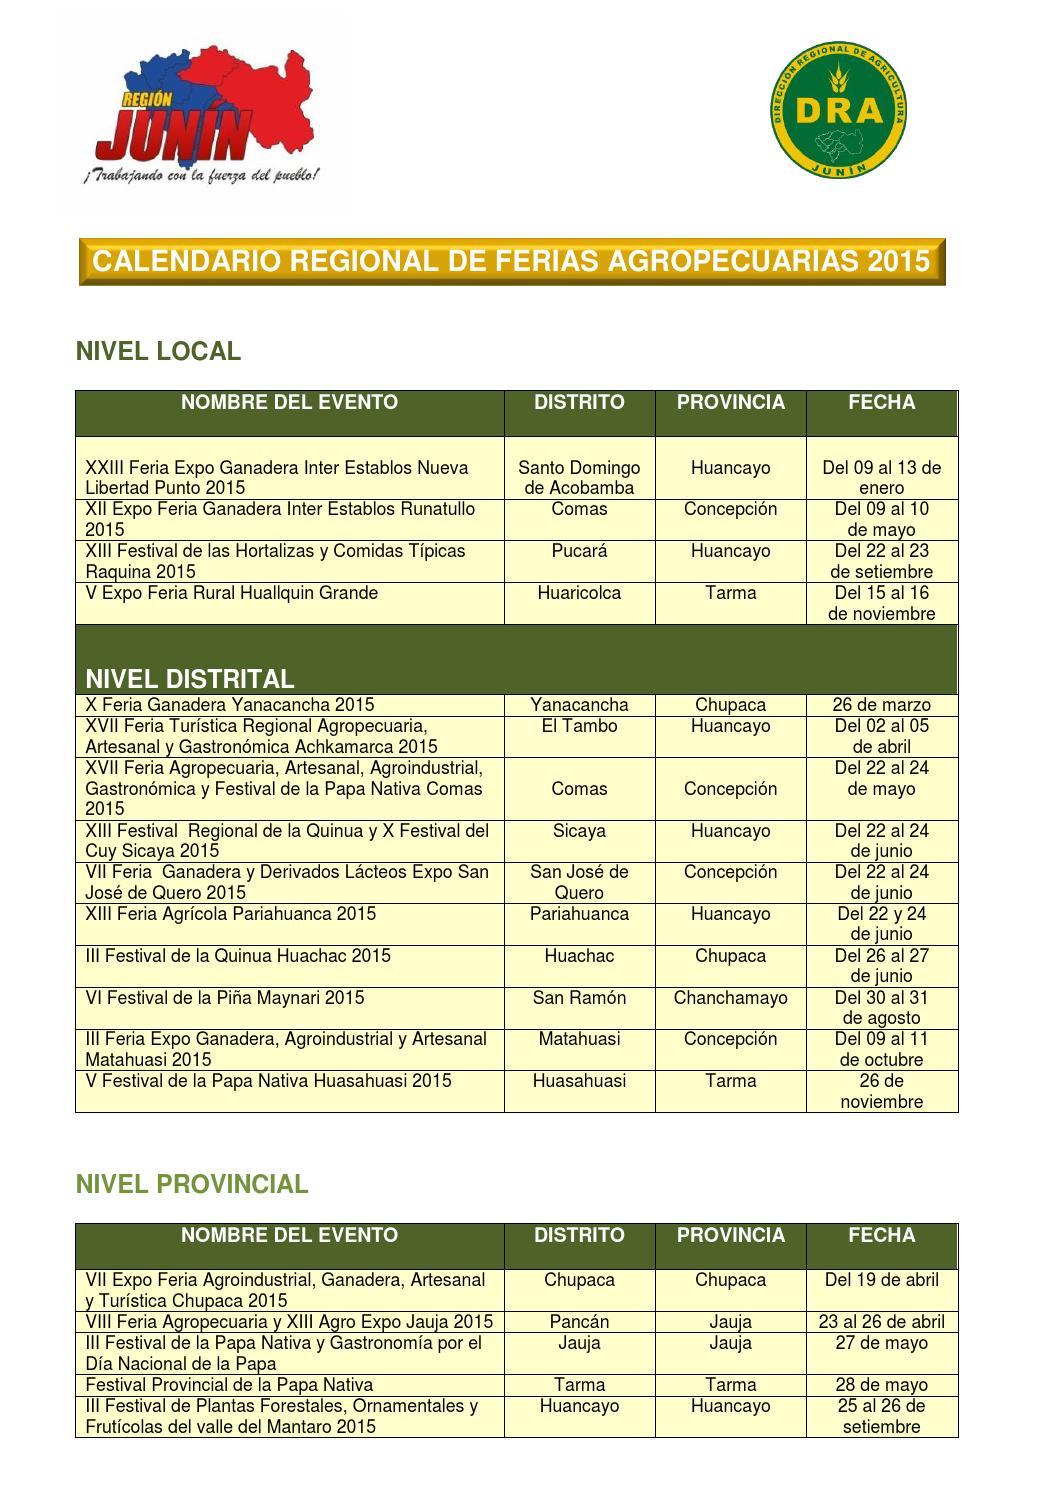 Calendario regional de ferias agropecuarias jun n 2015 by for Calendario ferias